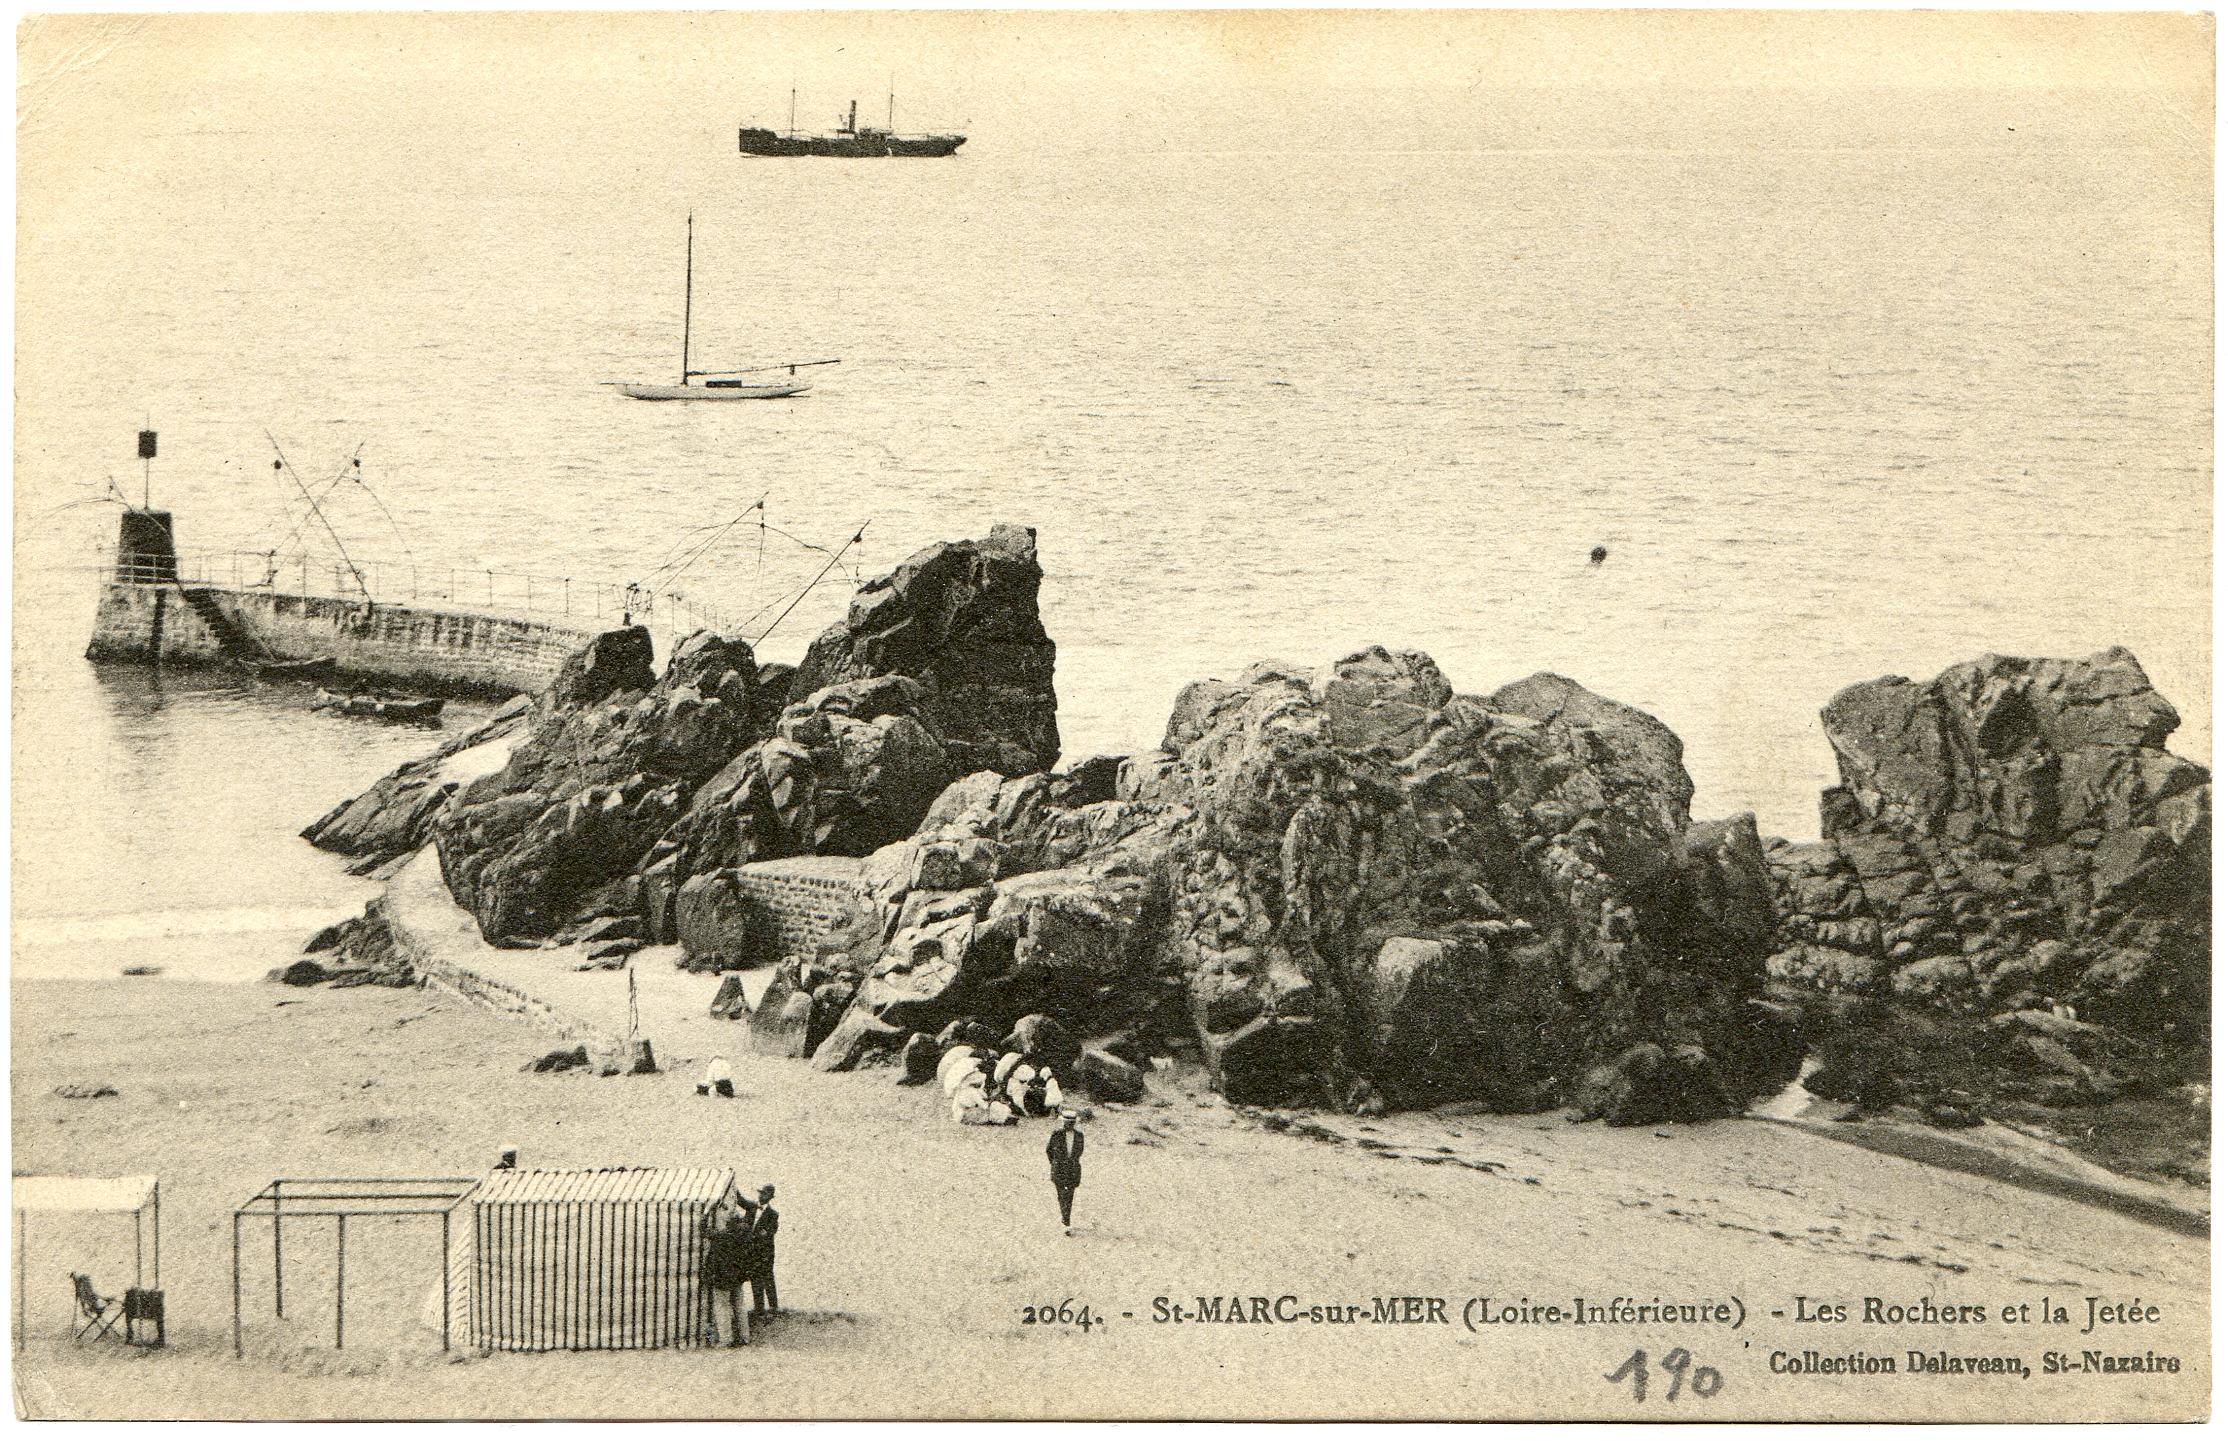 St marc sur mer loire inf rieure les rochers et la jet e - Cristaux de soude saint marc ...